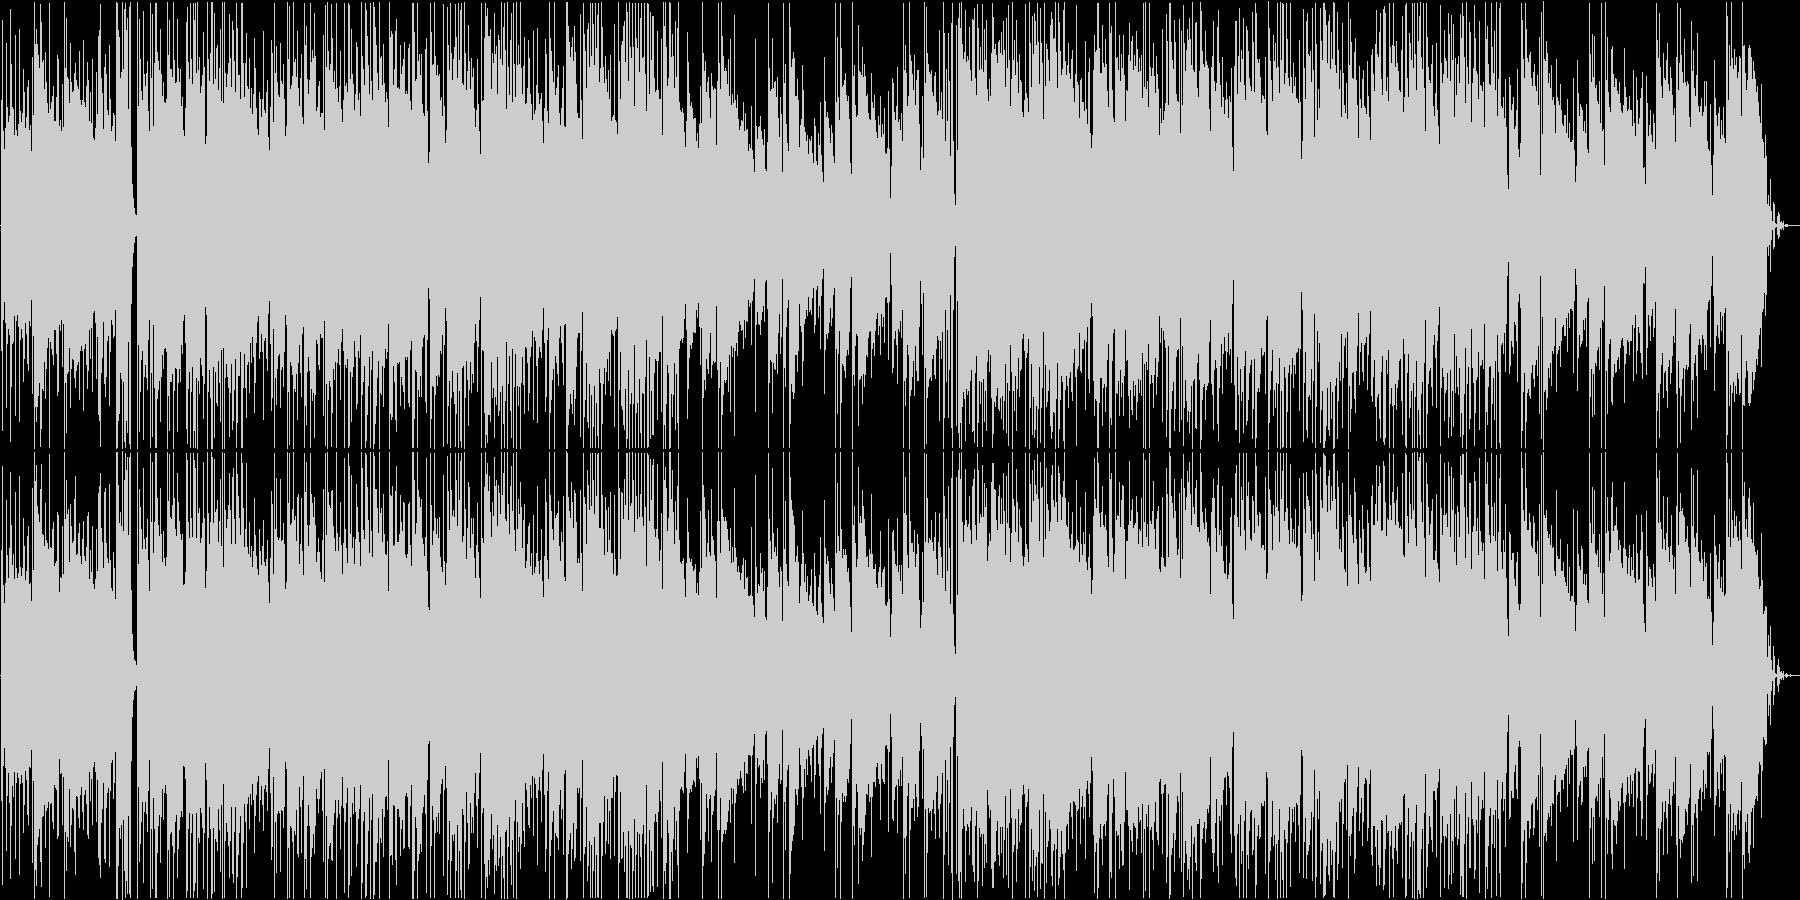 ほのぼのした雰囲気のギターソロの未再生の波形